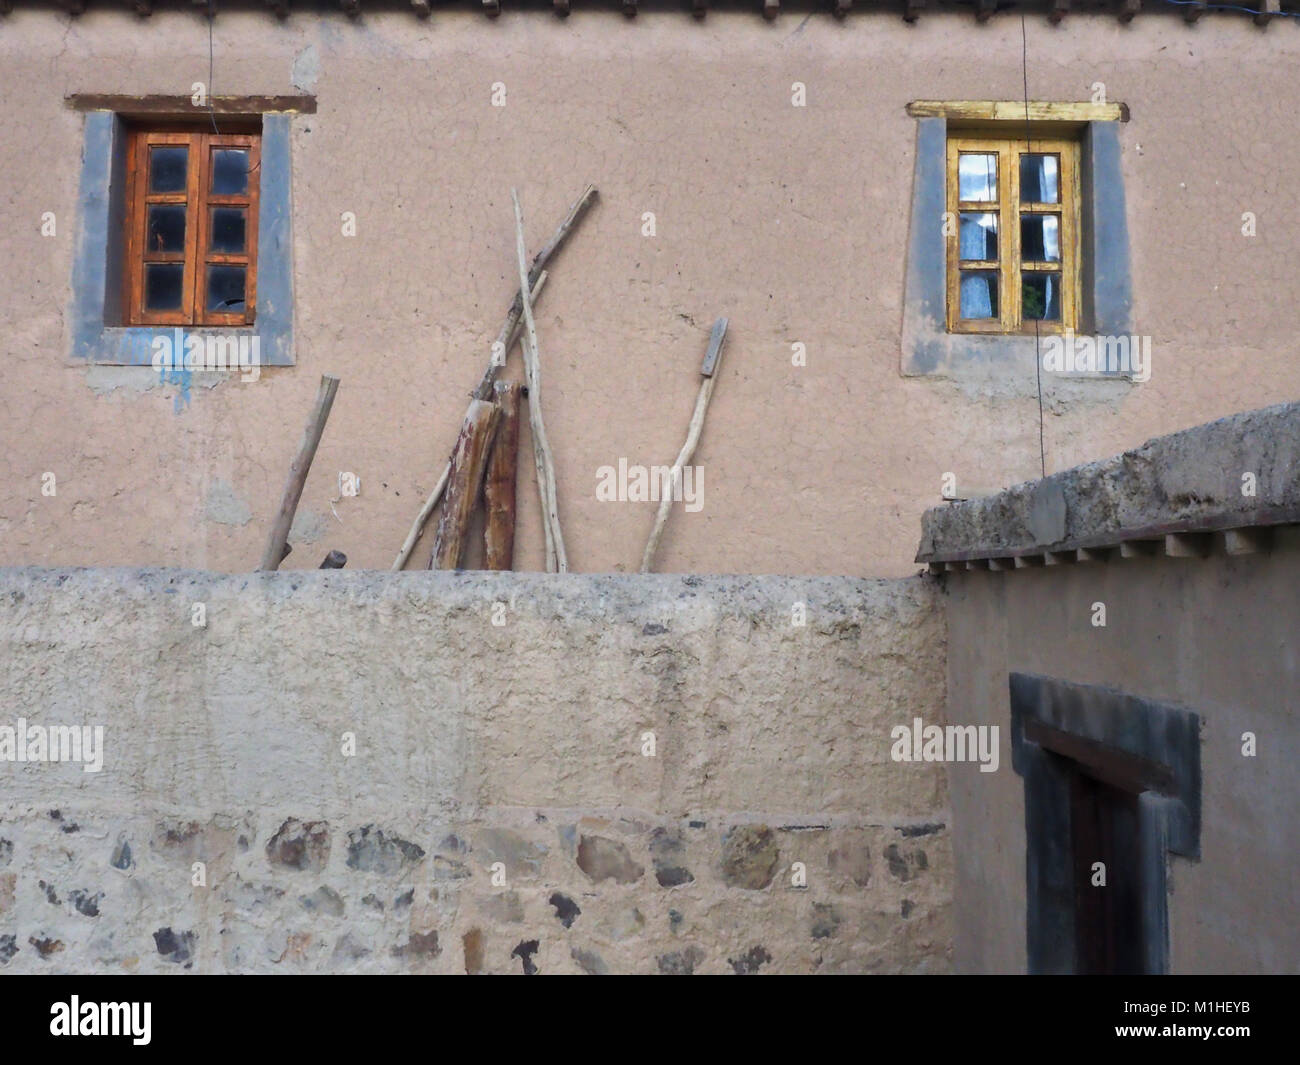 Rosa Lehm Mauer Der Tabo Kloster Mit Zwei Kleine Fenster Mit Holzrahmen Ist  Braun Und Gelb, In Der Nähe Der Wand Es Gibt Holz  Sticks.